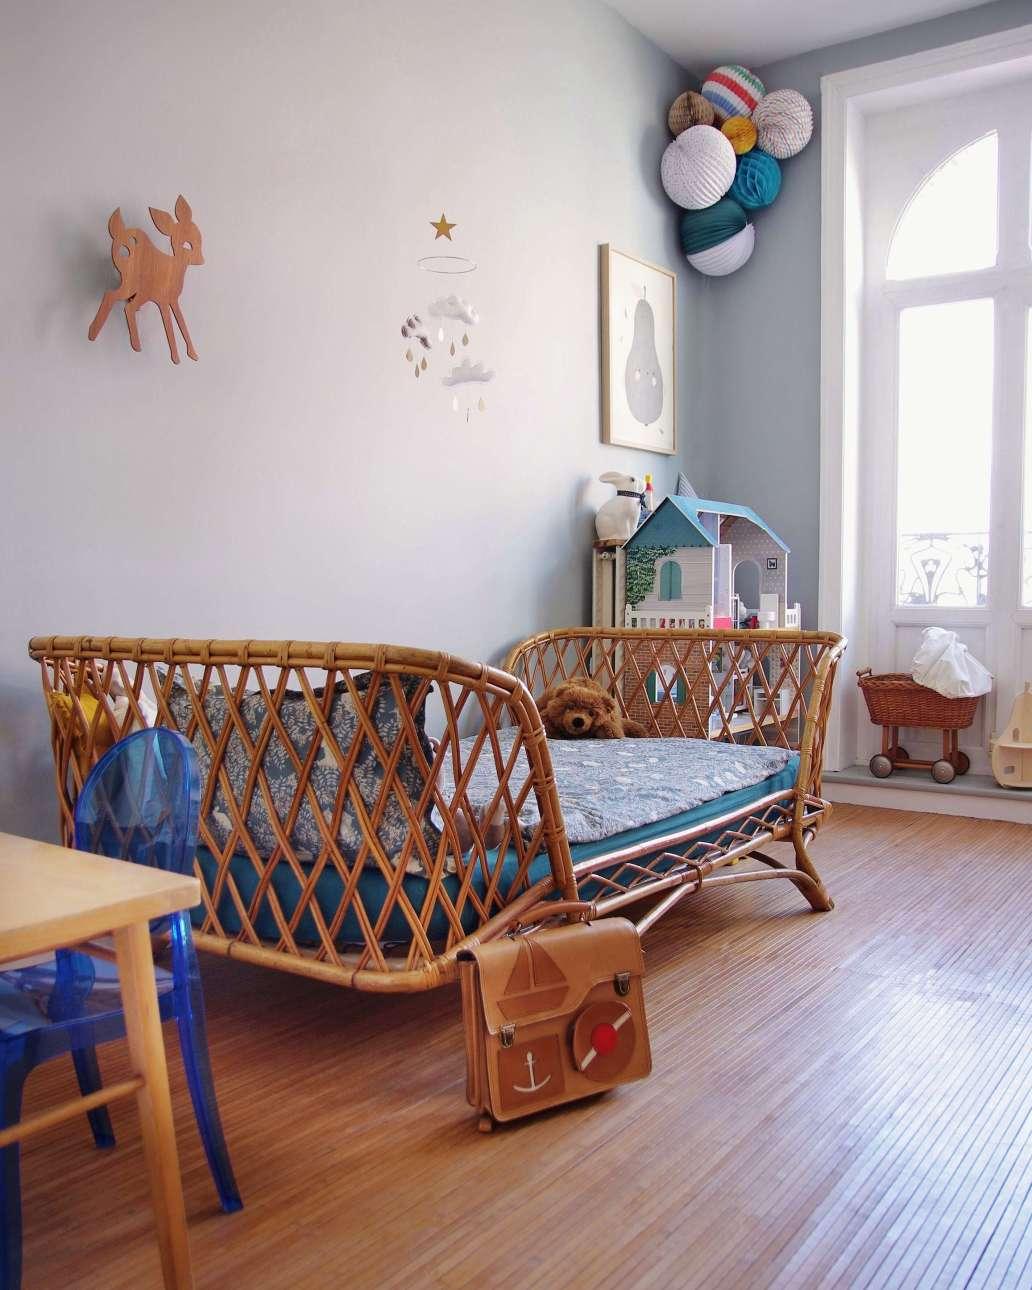 mathilde merlin 3C4l8JNAsLA unsplash 2 1639x2048 - Comment aménager une chambre pour enfant ?